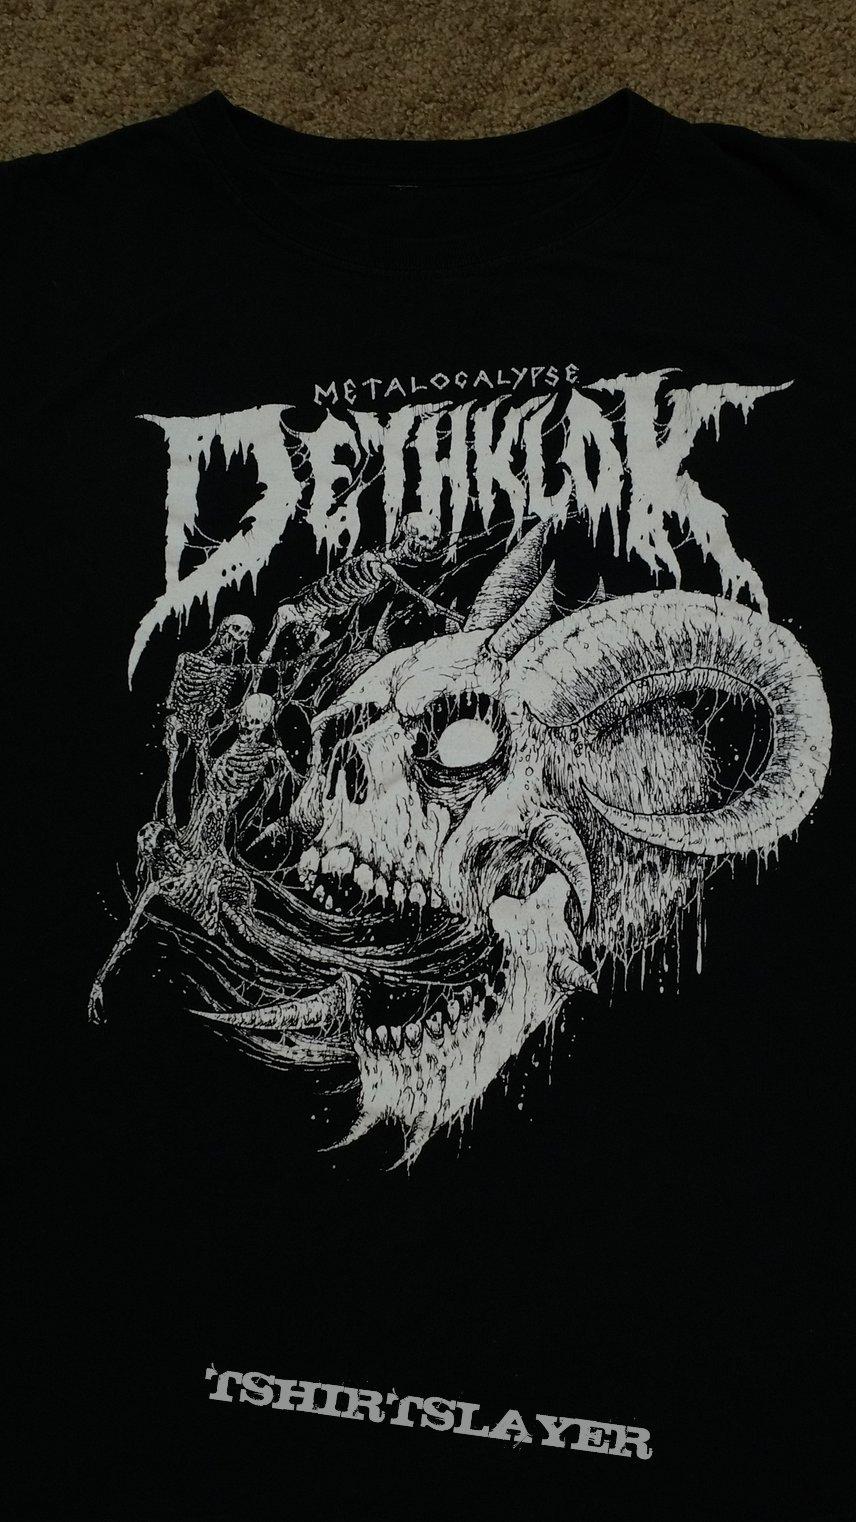 dethklok tour shirt